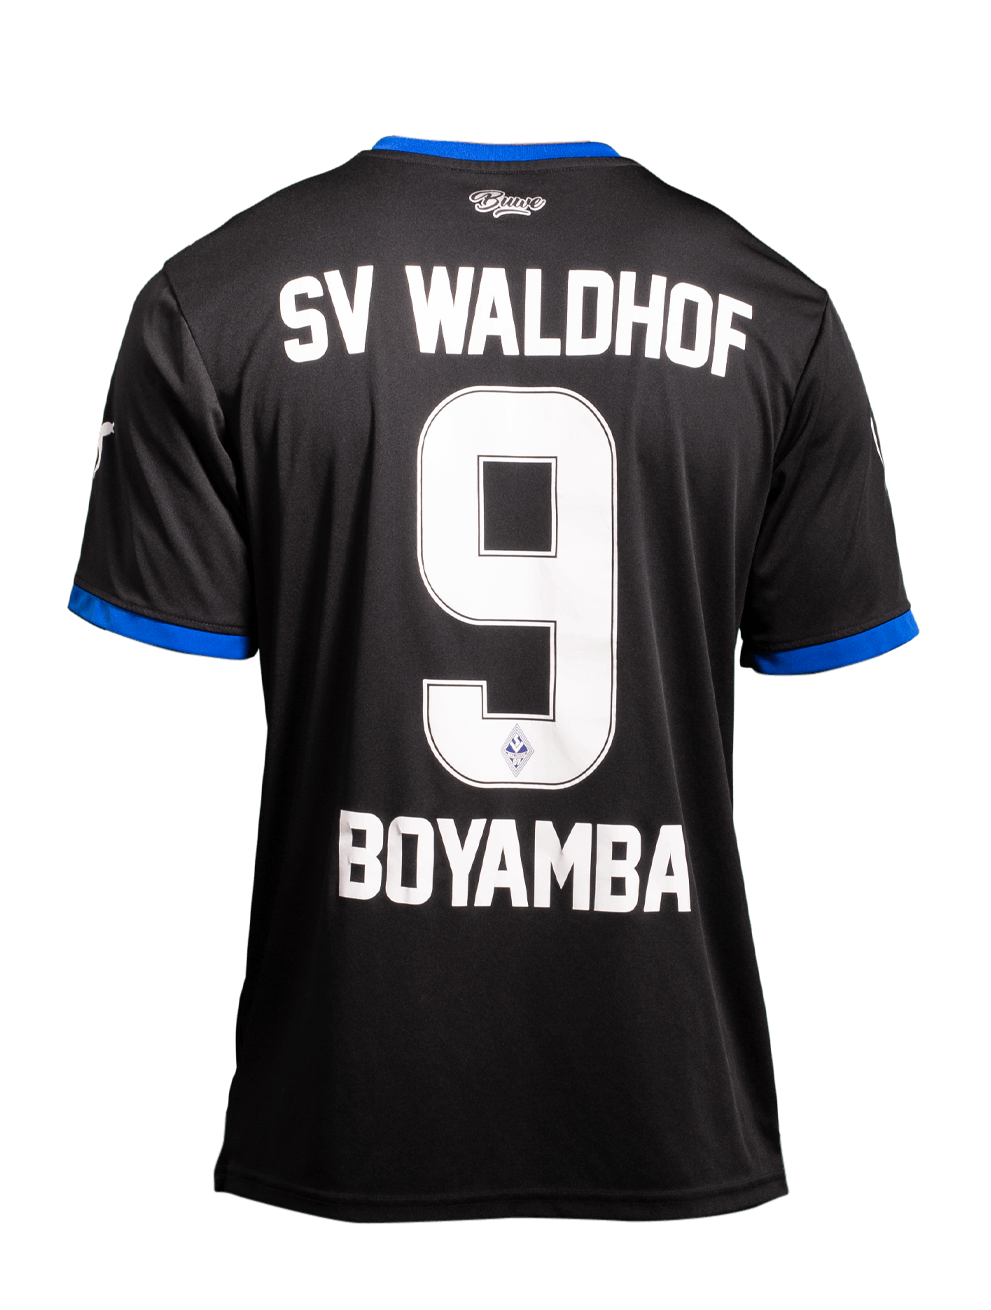 Joseph Boyamba